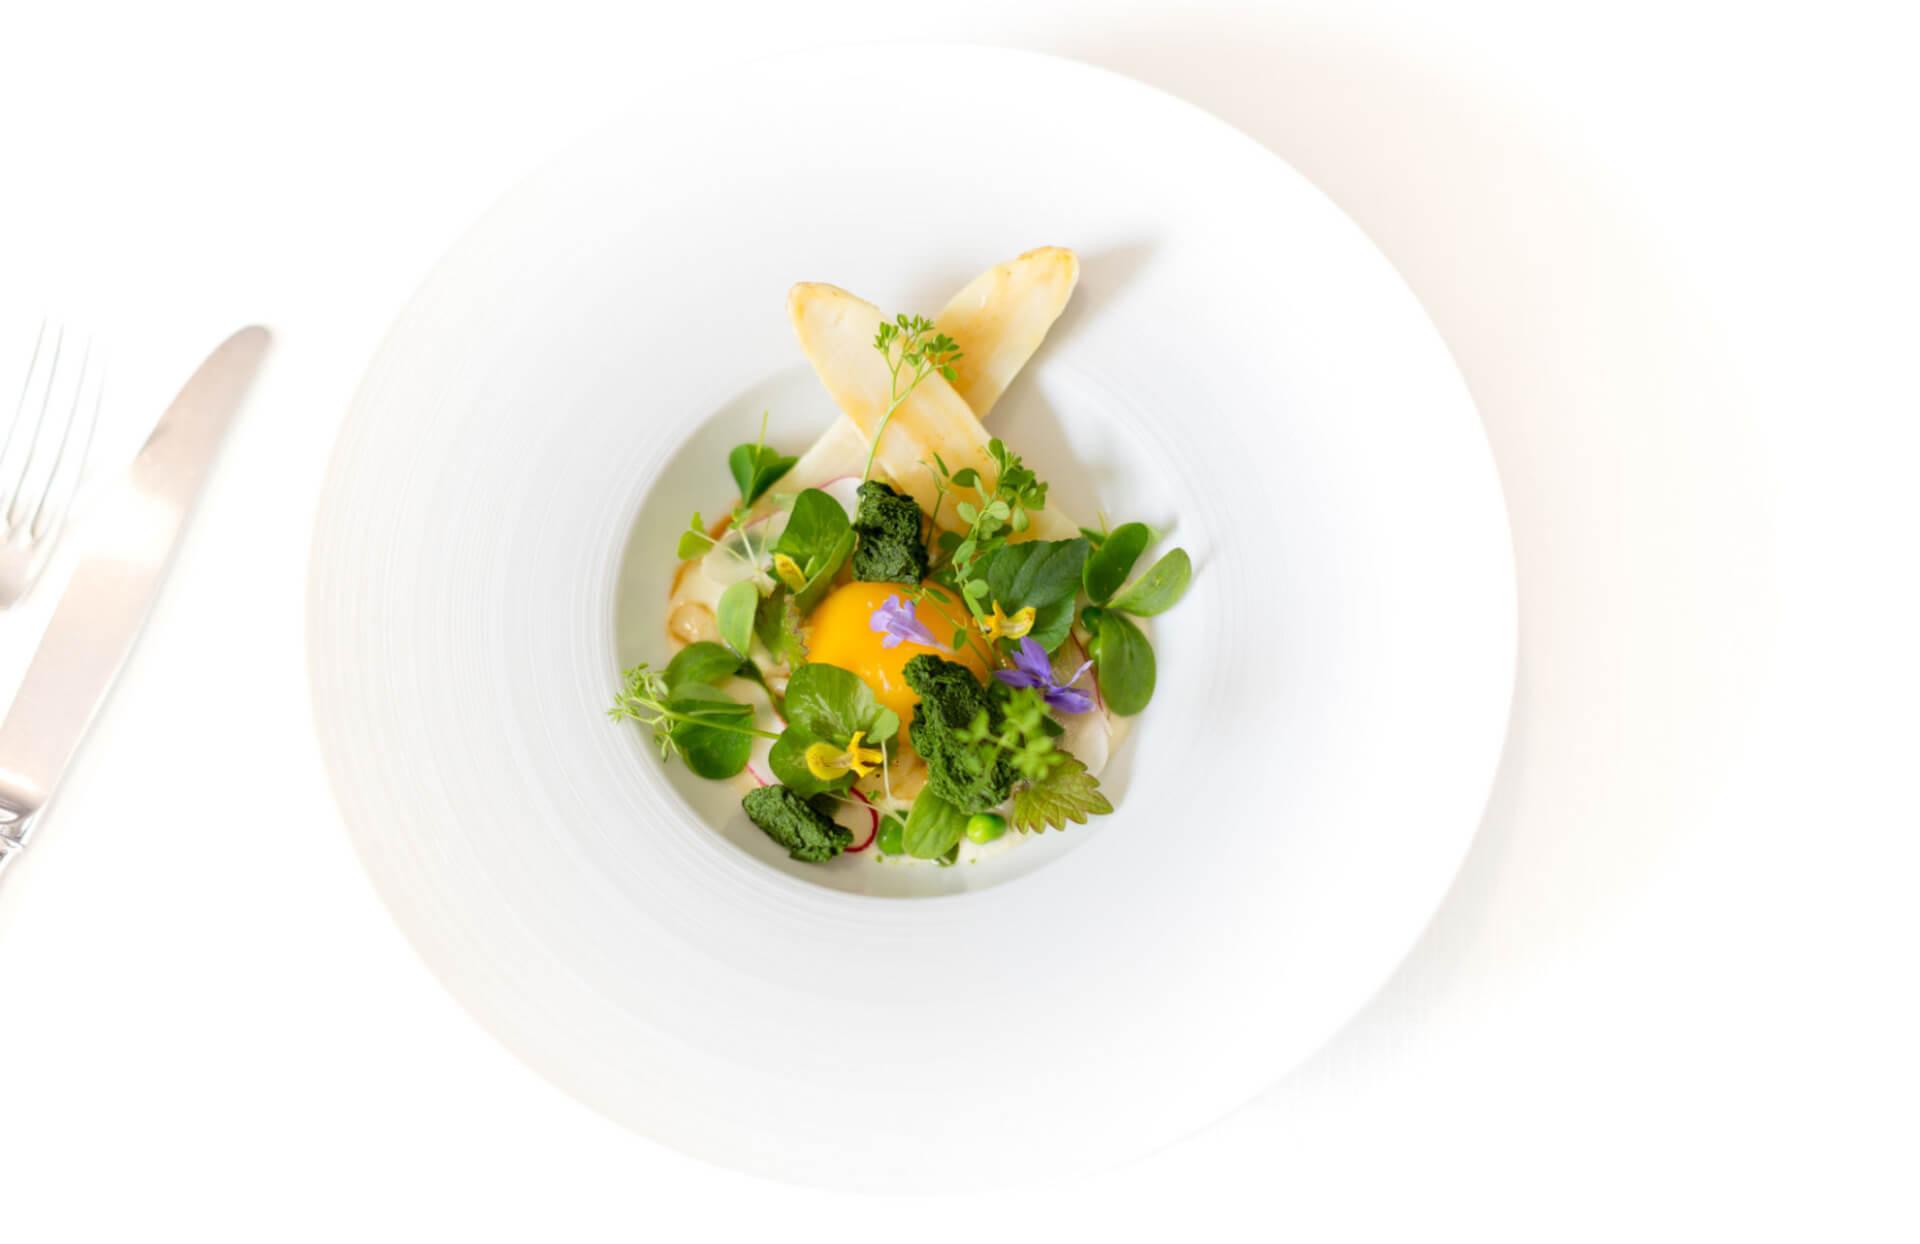 lezardscreation agence communication publicite vosges remiremont photo culinaire visuel